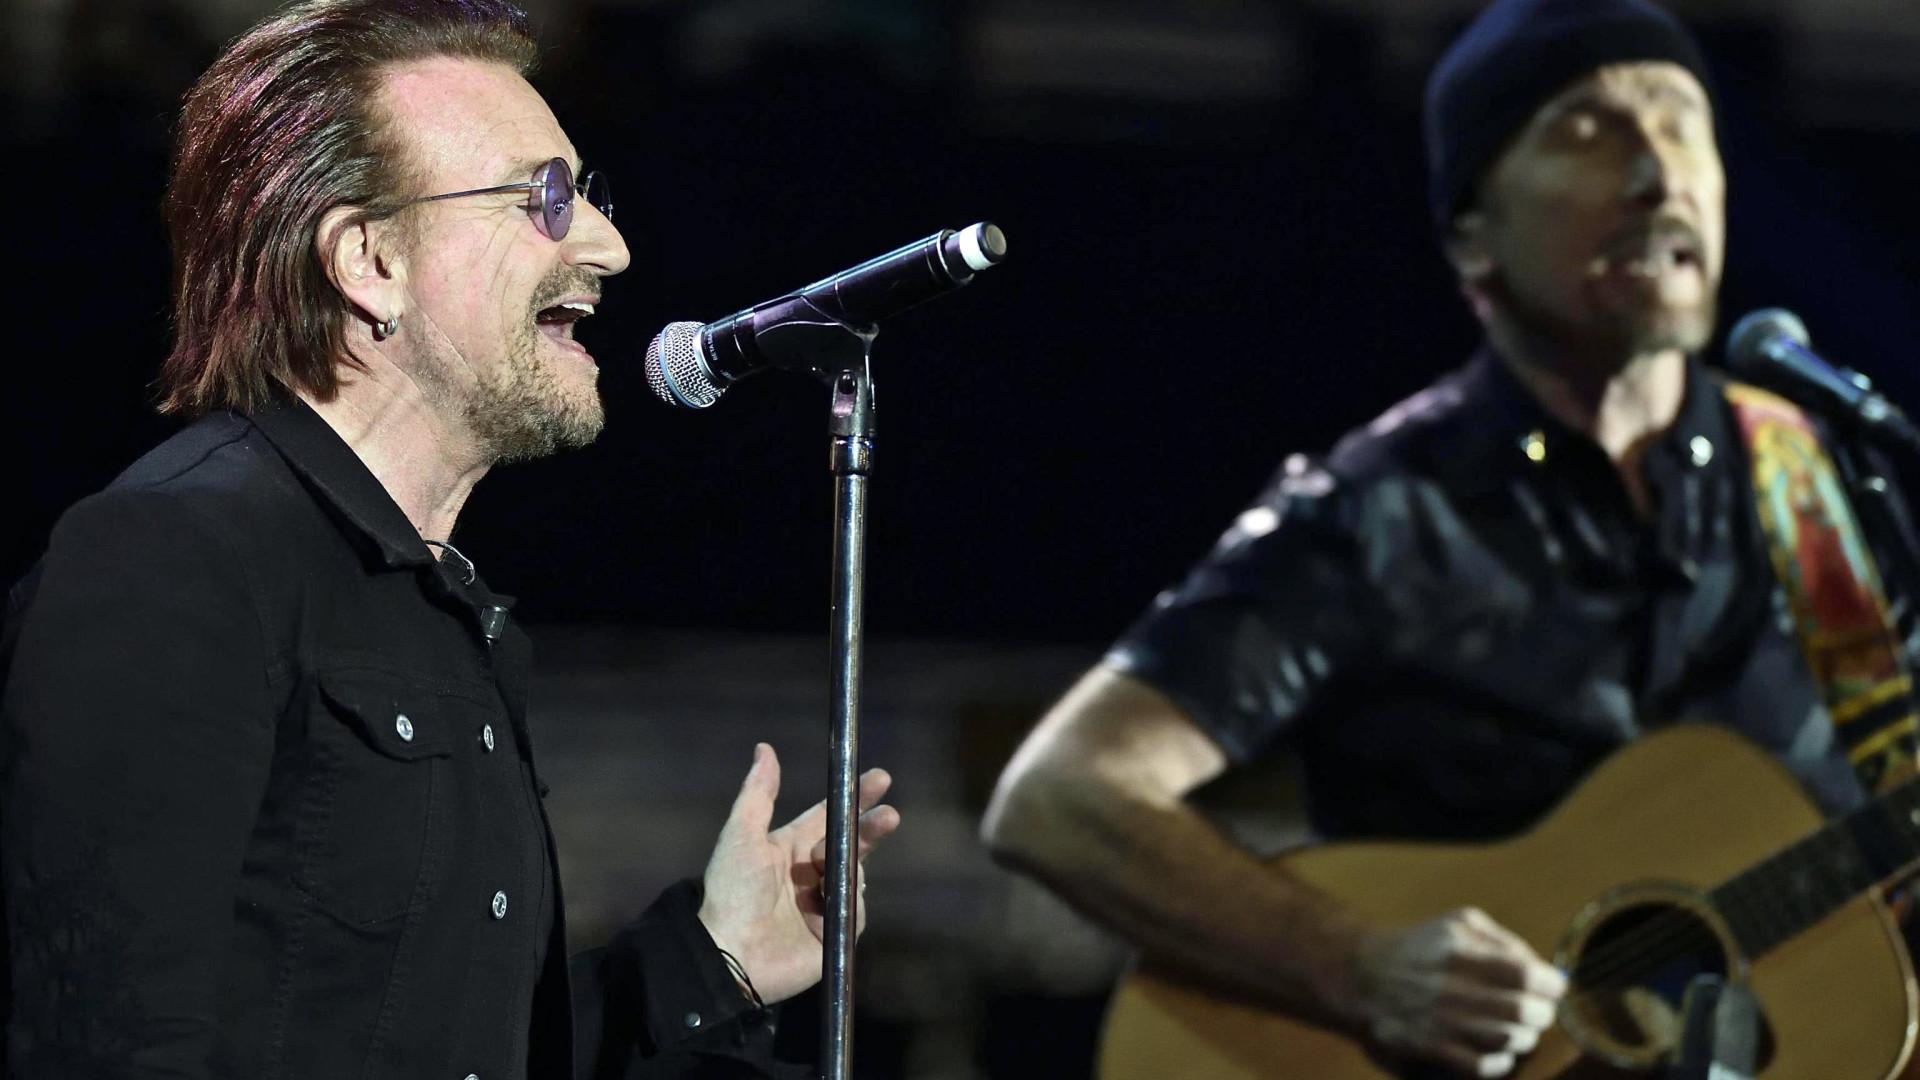 Altice Arena em Lisboa esgotada para ver hoje os U2